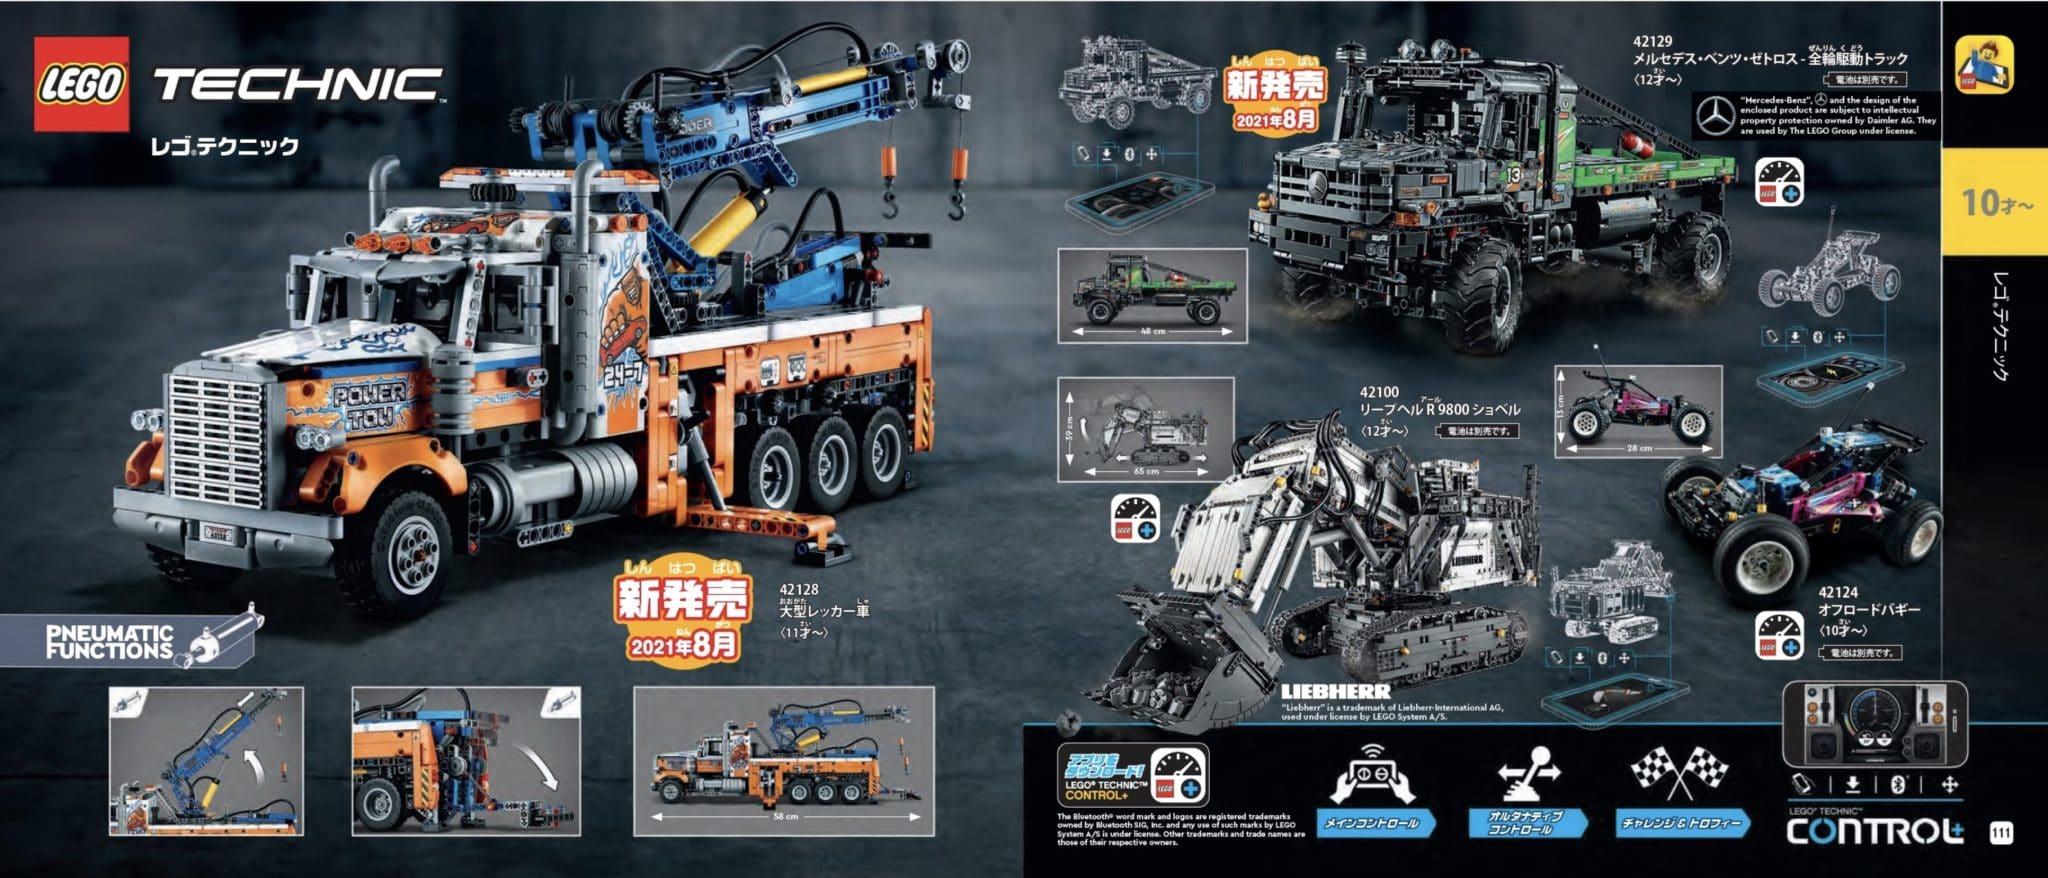 LEGO bringt Mercedes-Benz Zetros Bausatz - erste Bilder